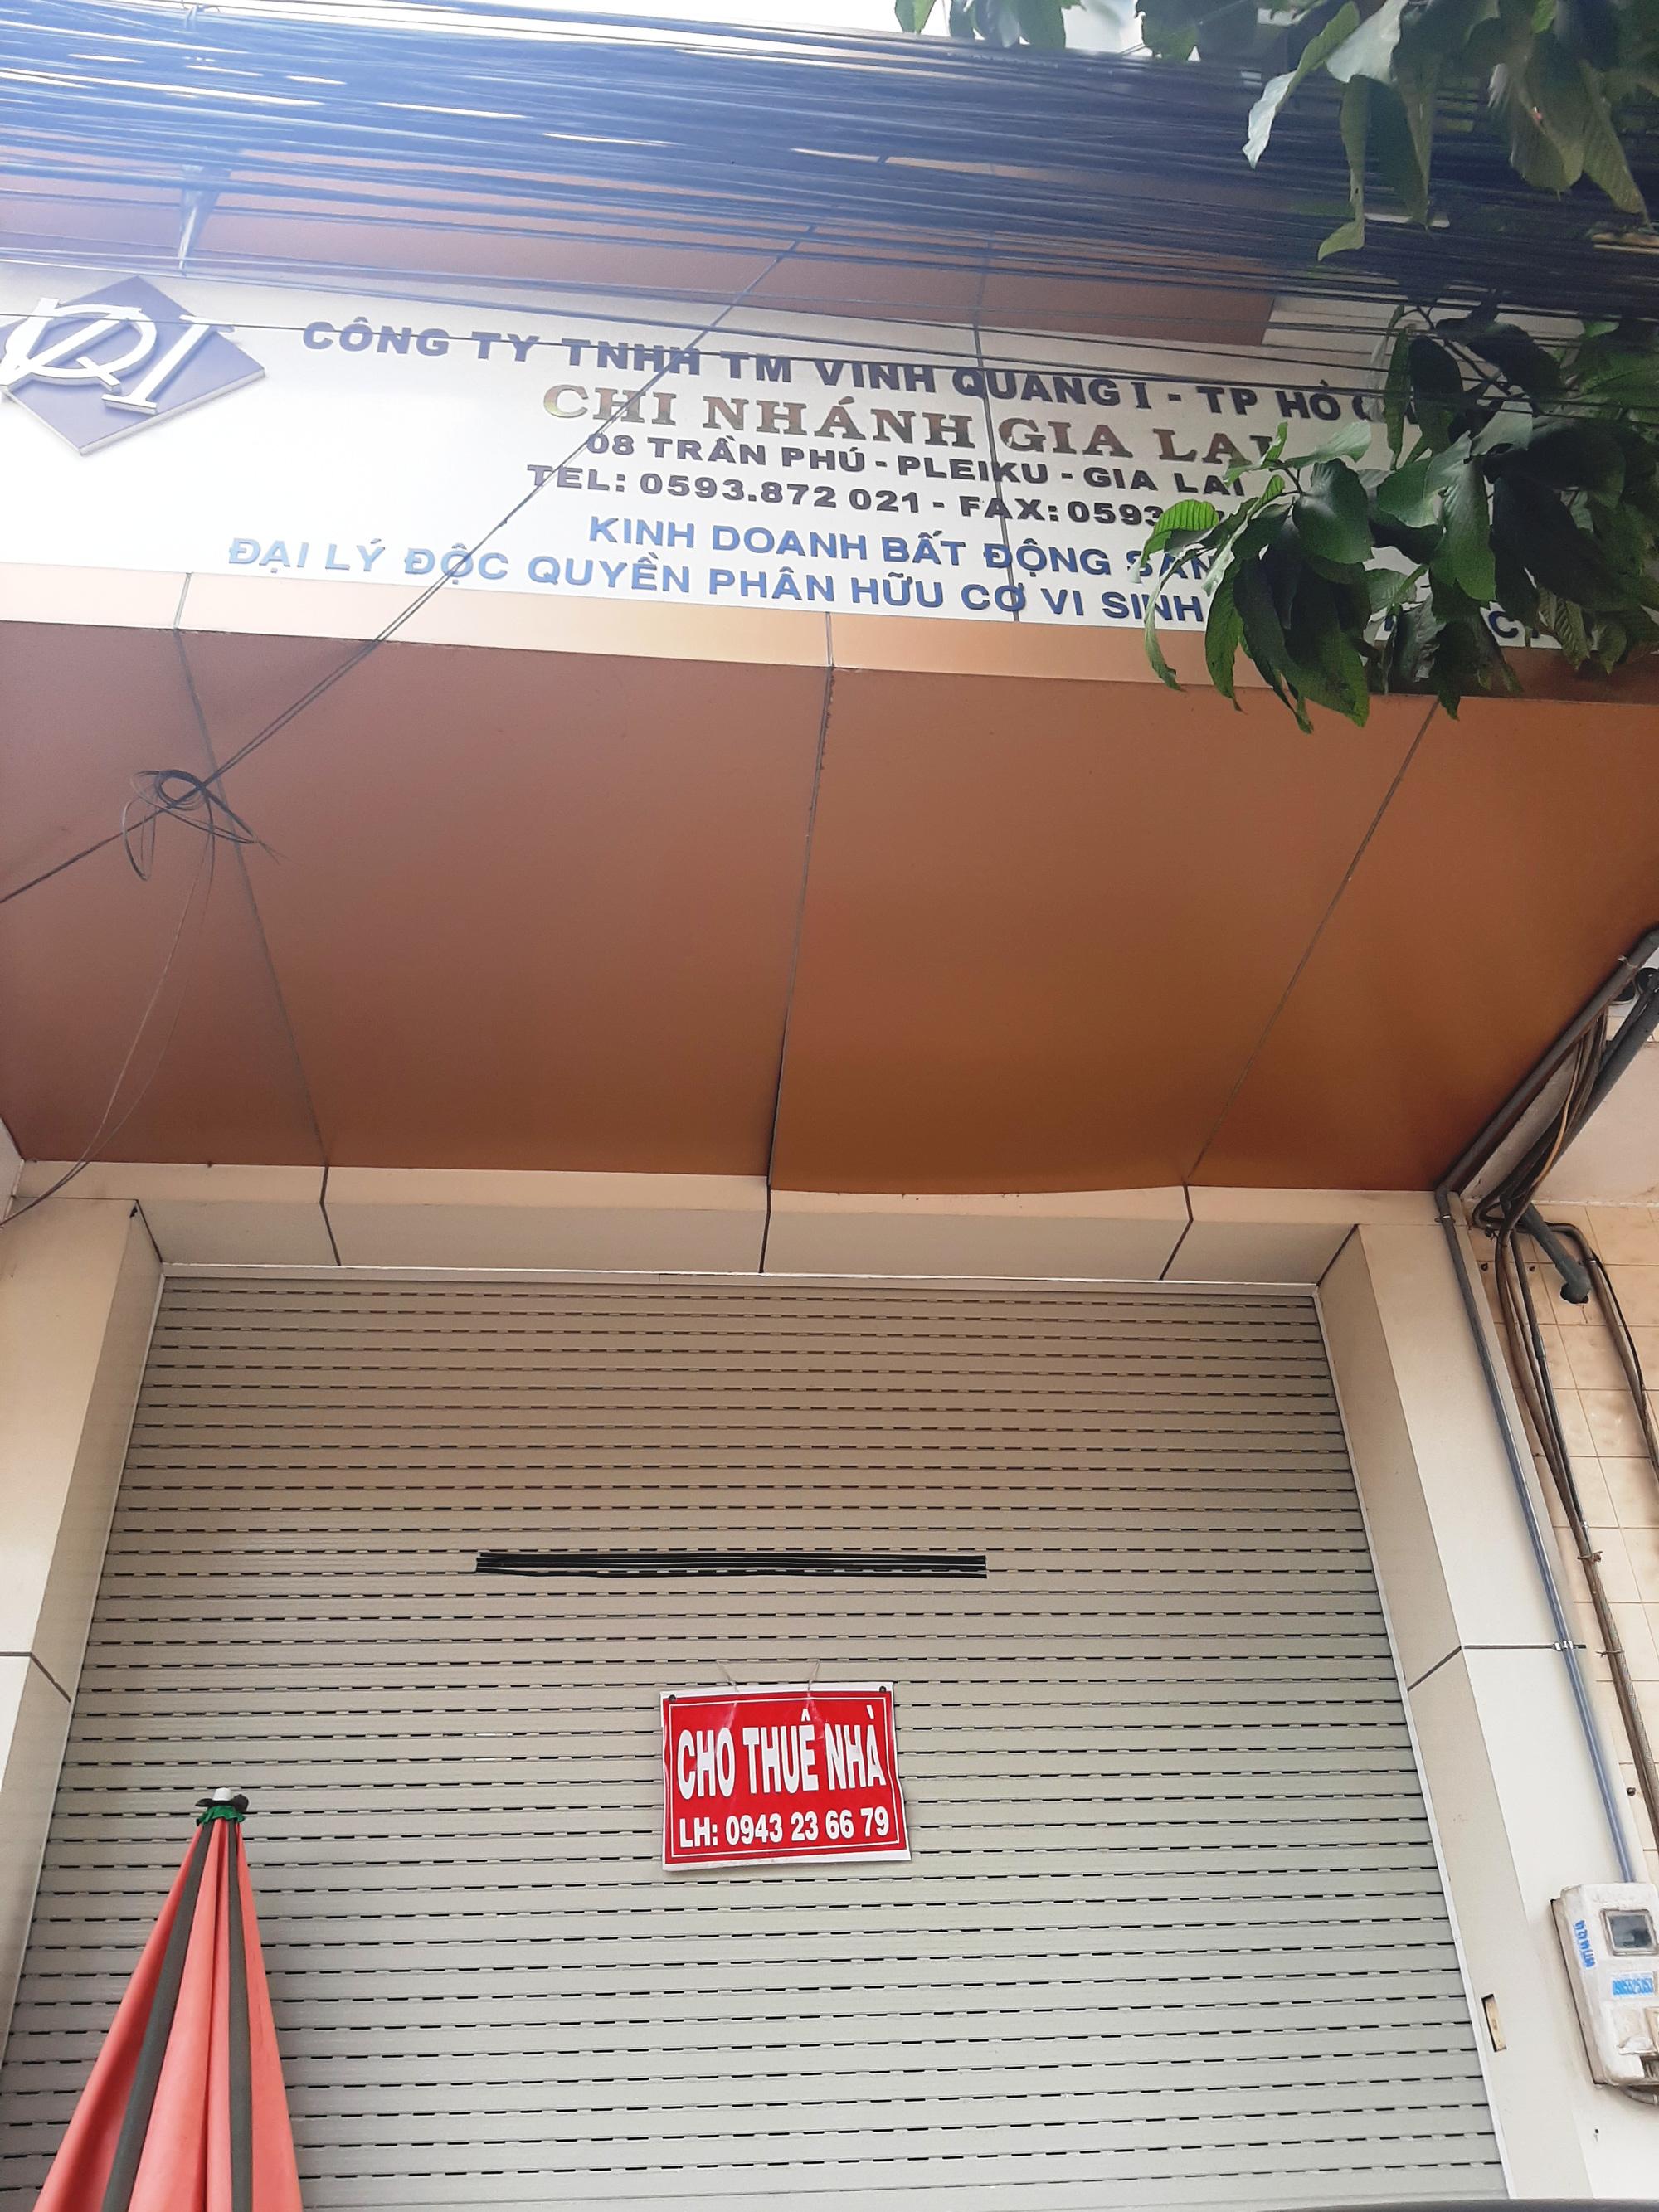 Công ty bất động sản bị kiến nghị khởi tố: UBND tỉnh chỉ đạo kiểm tra, làm rõ - Ảnh 2.